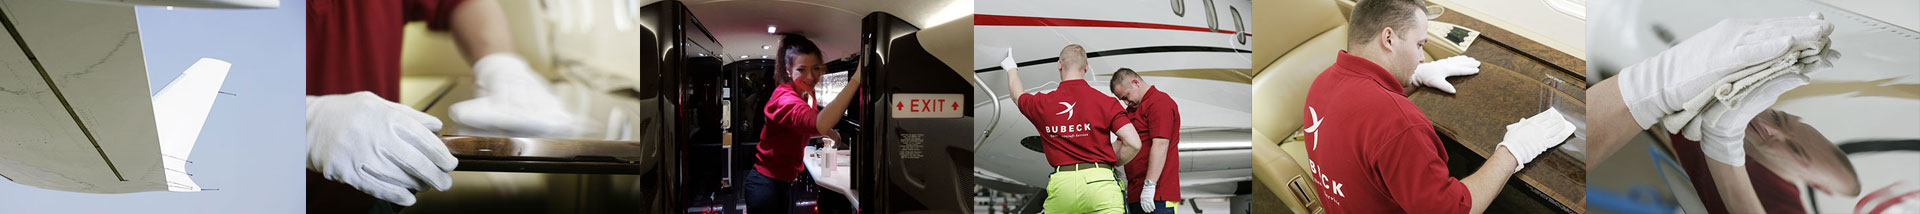 Bubeck plane clean